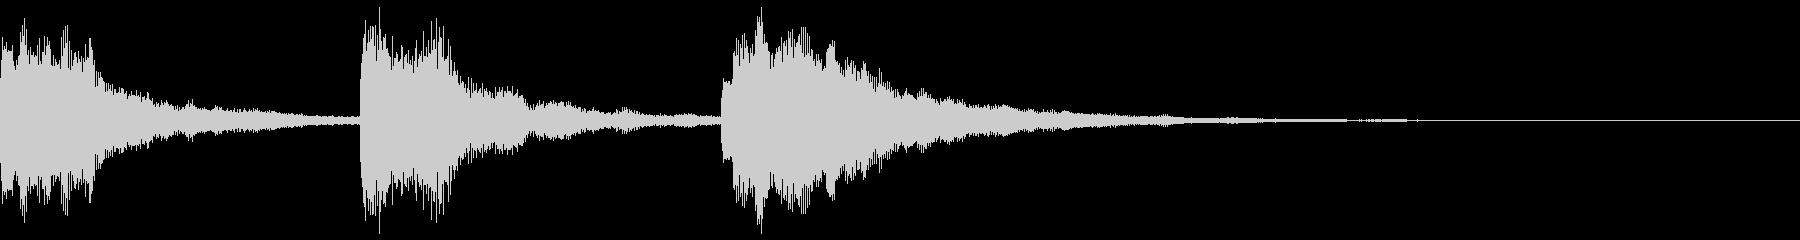 明るい 場面転換の未再生の波形